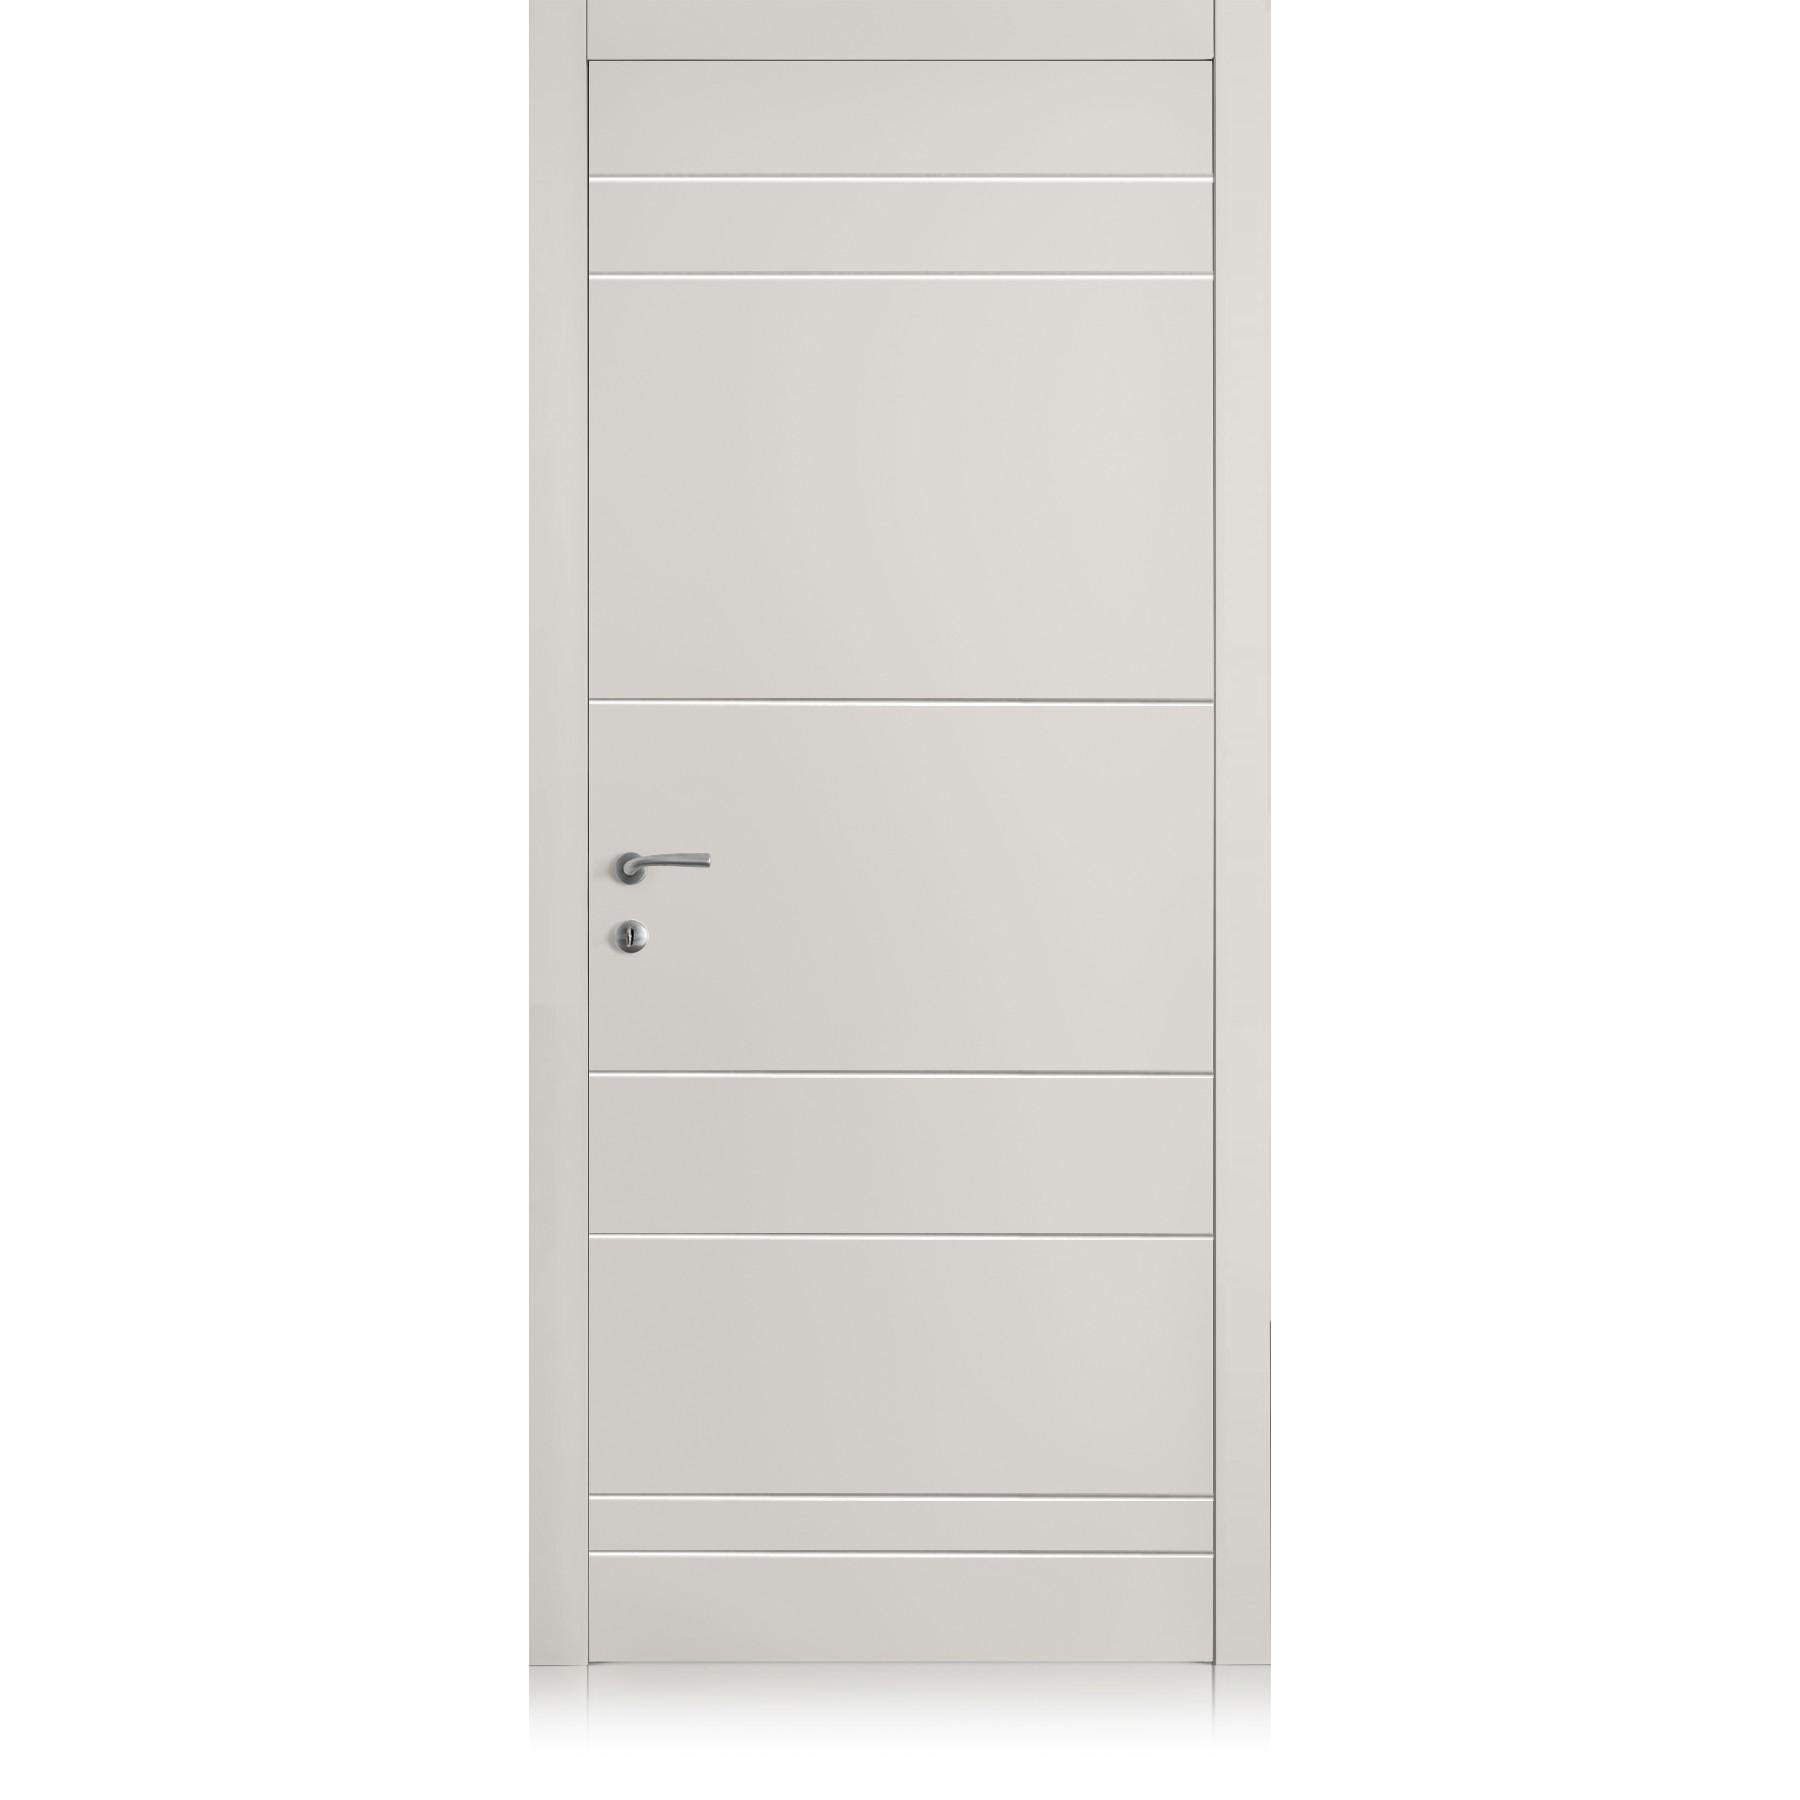 Yncisa Tratto grigio lux door